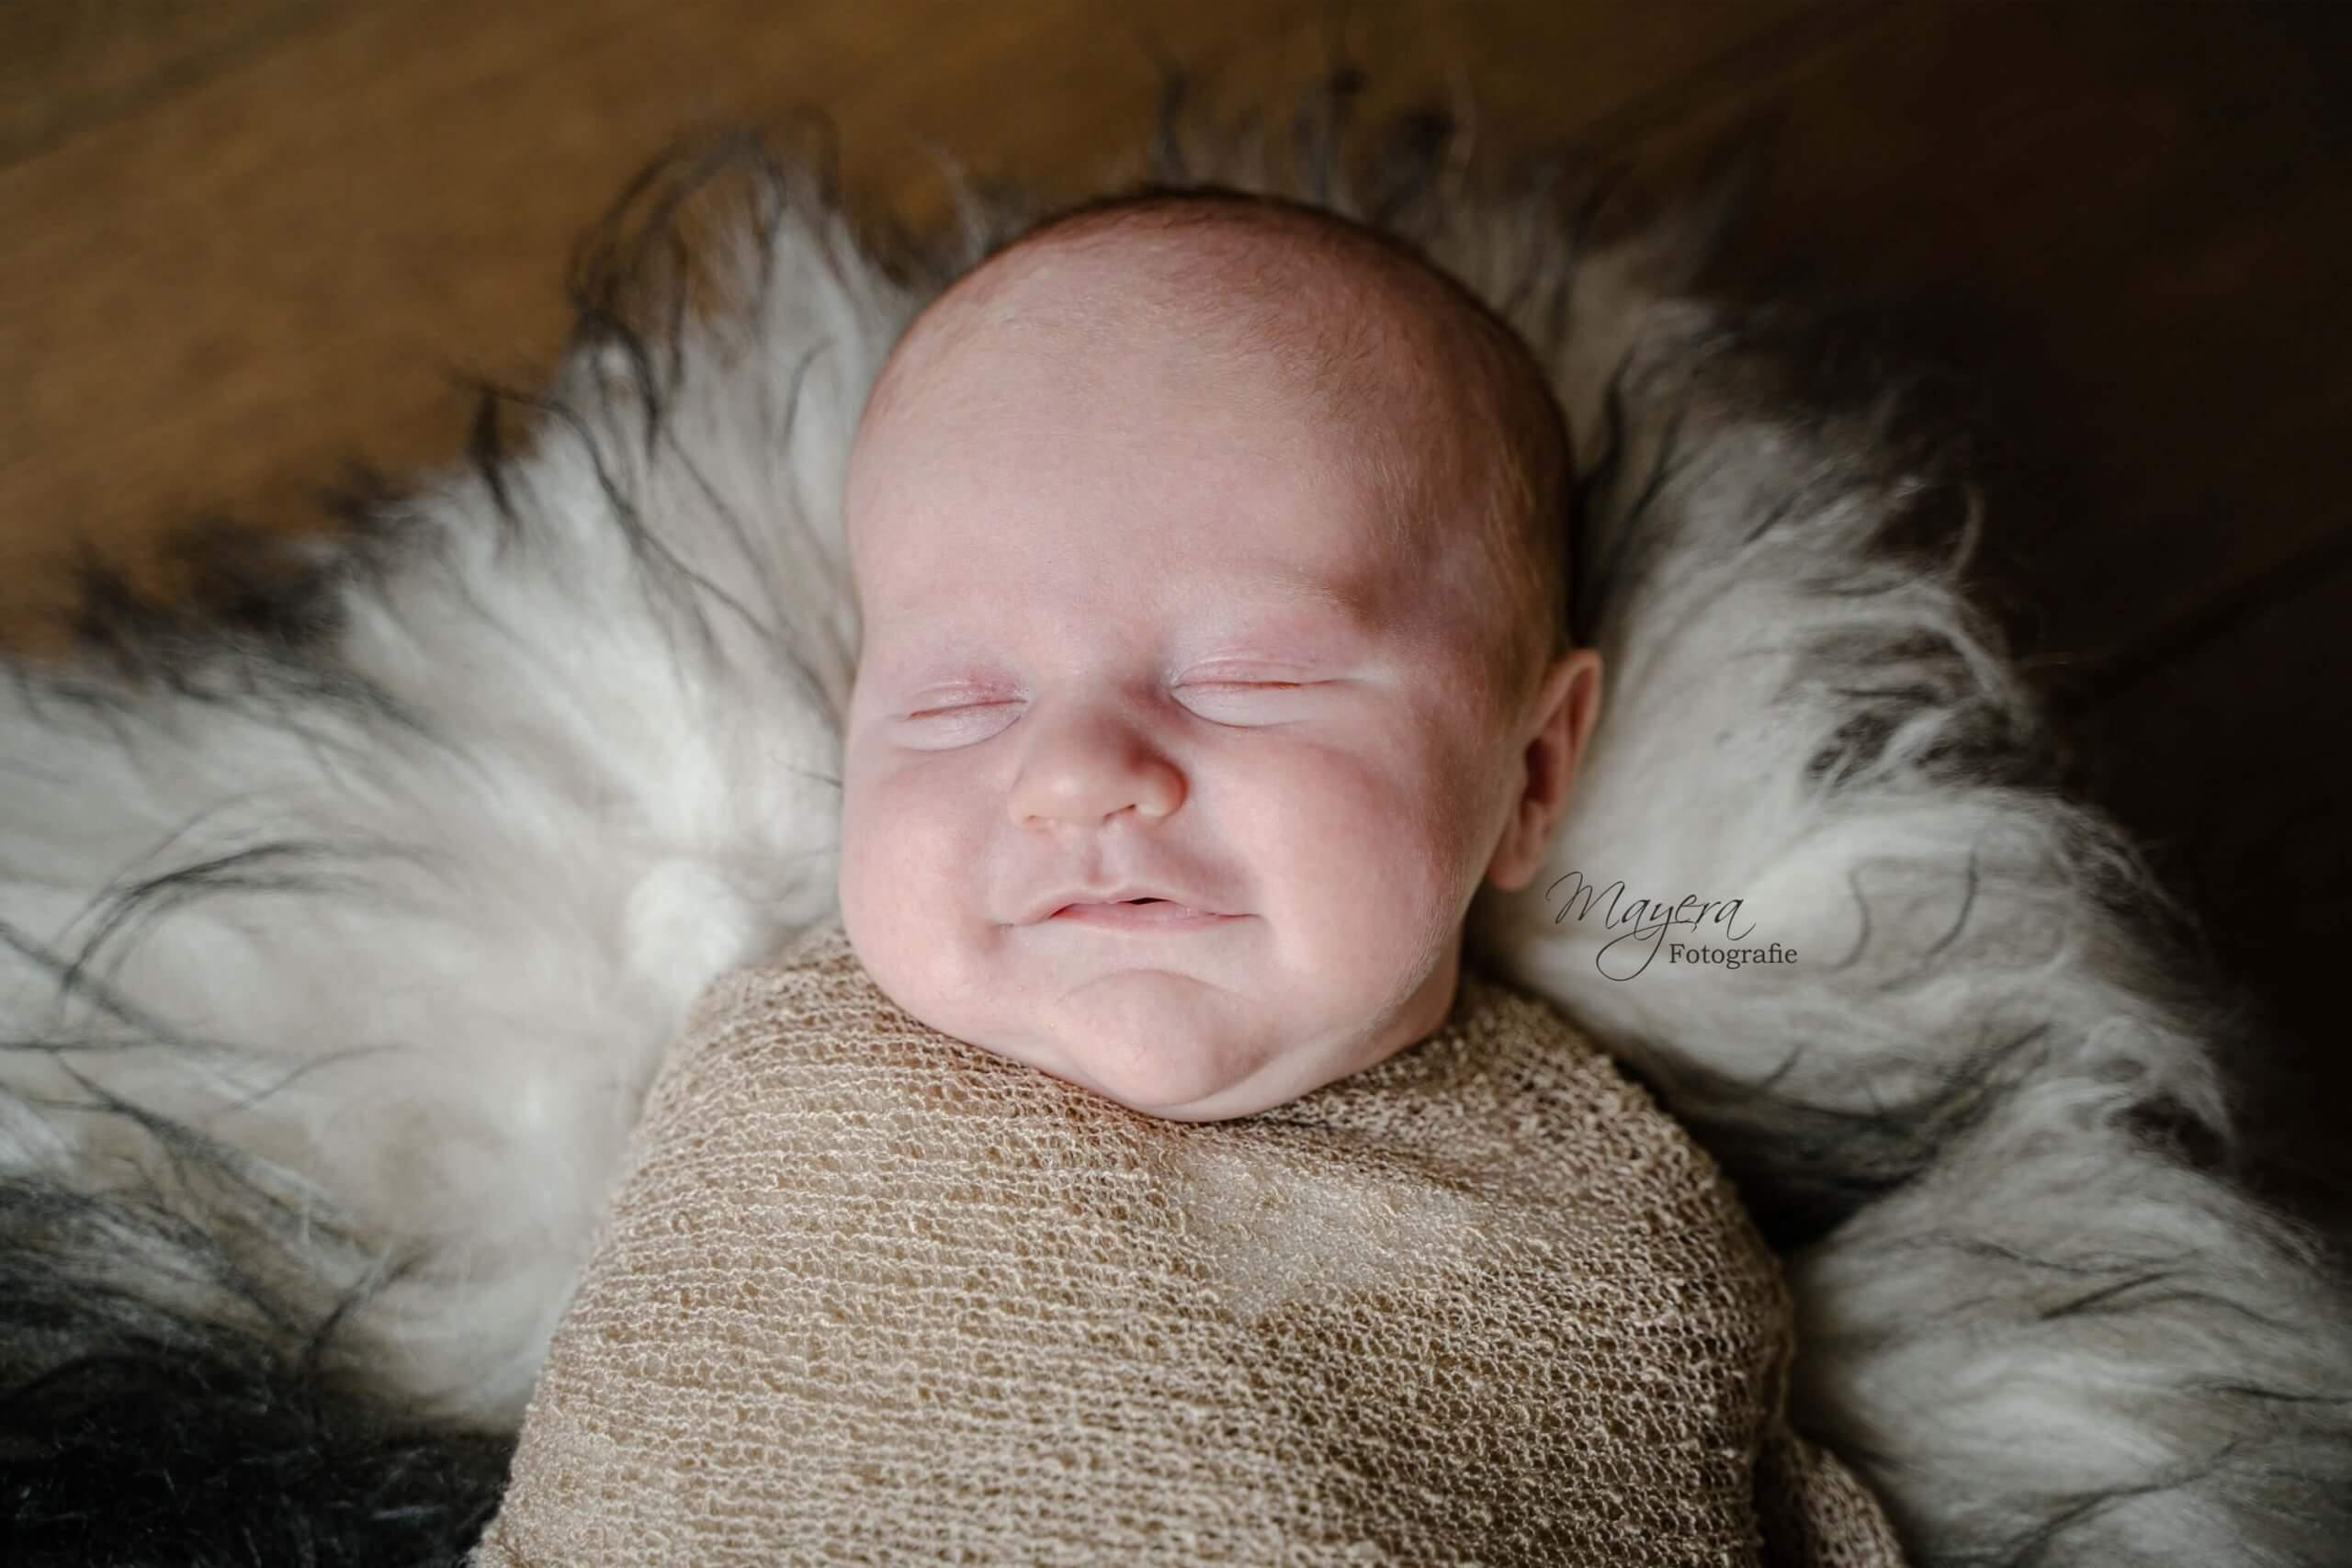 Newborn baby jongen lachen wijk bij duurstede wol